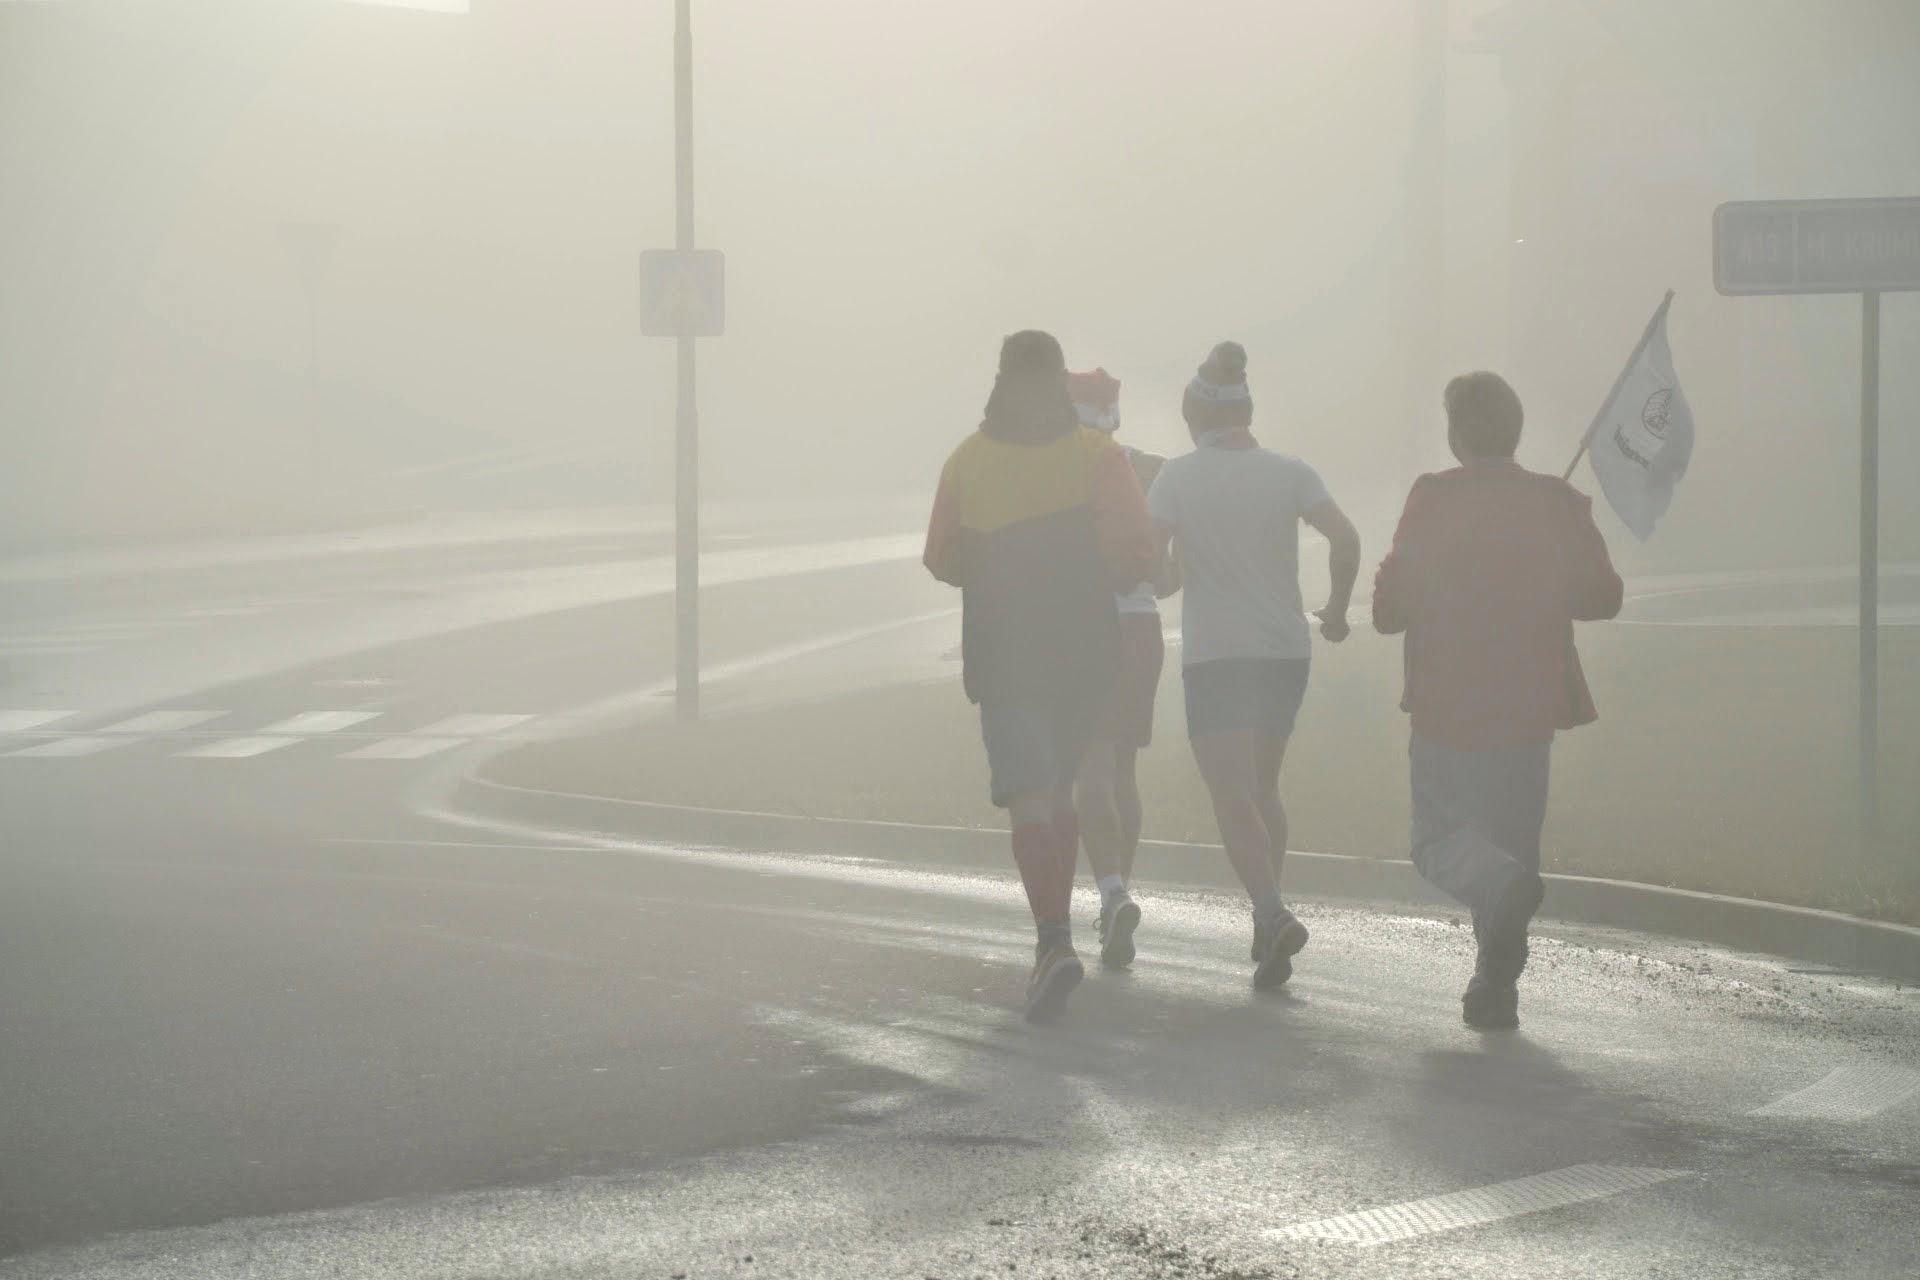 Čtyři běží, jeden to musí ještě stíhat fotit